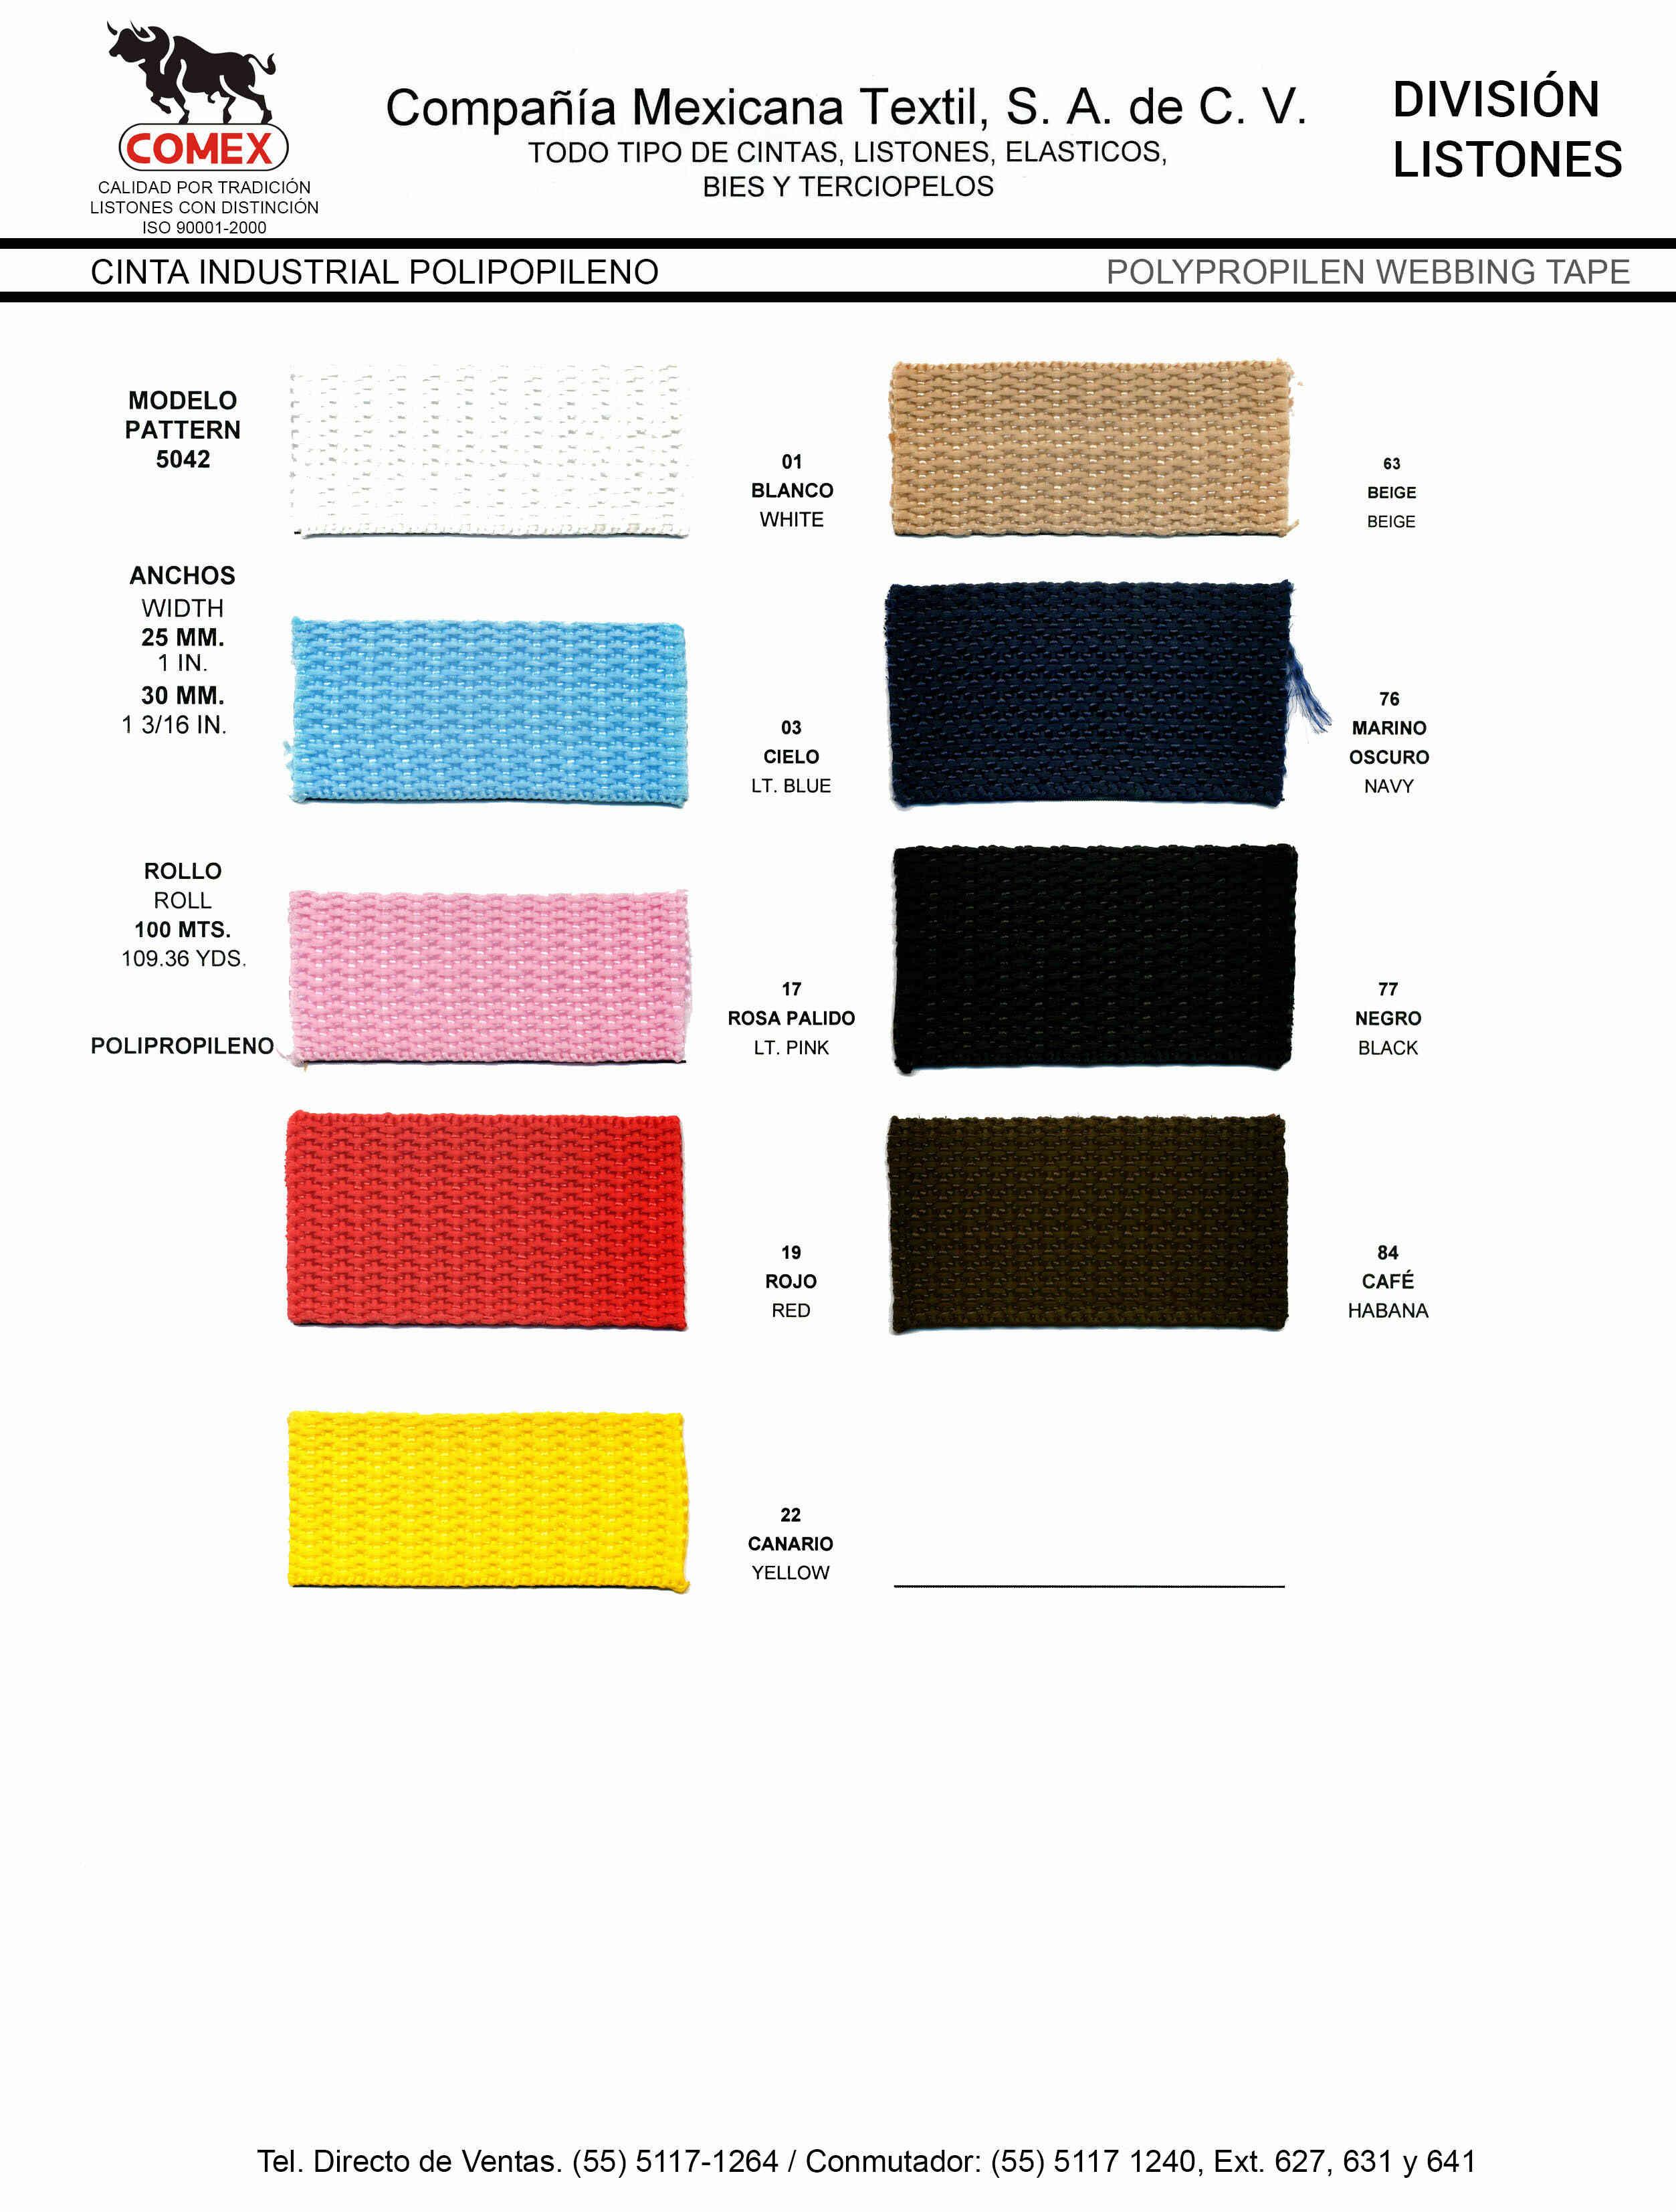 Anchos y Colores de Liston Mod.5042 100.00 Mt.